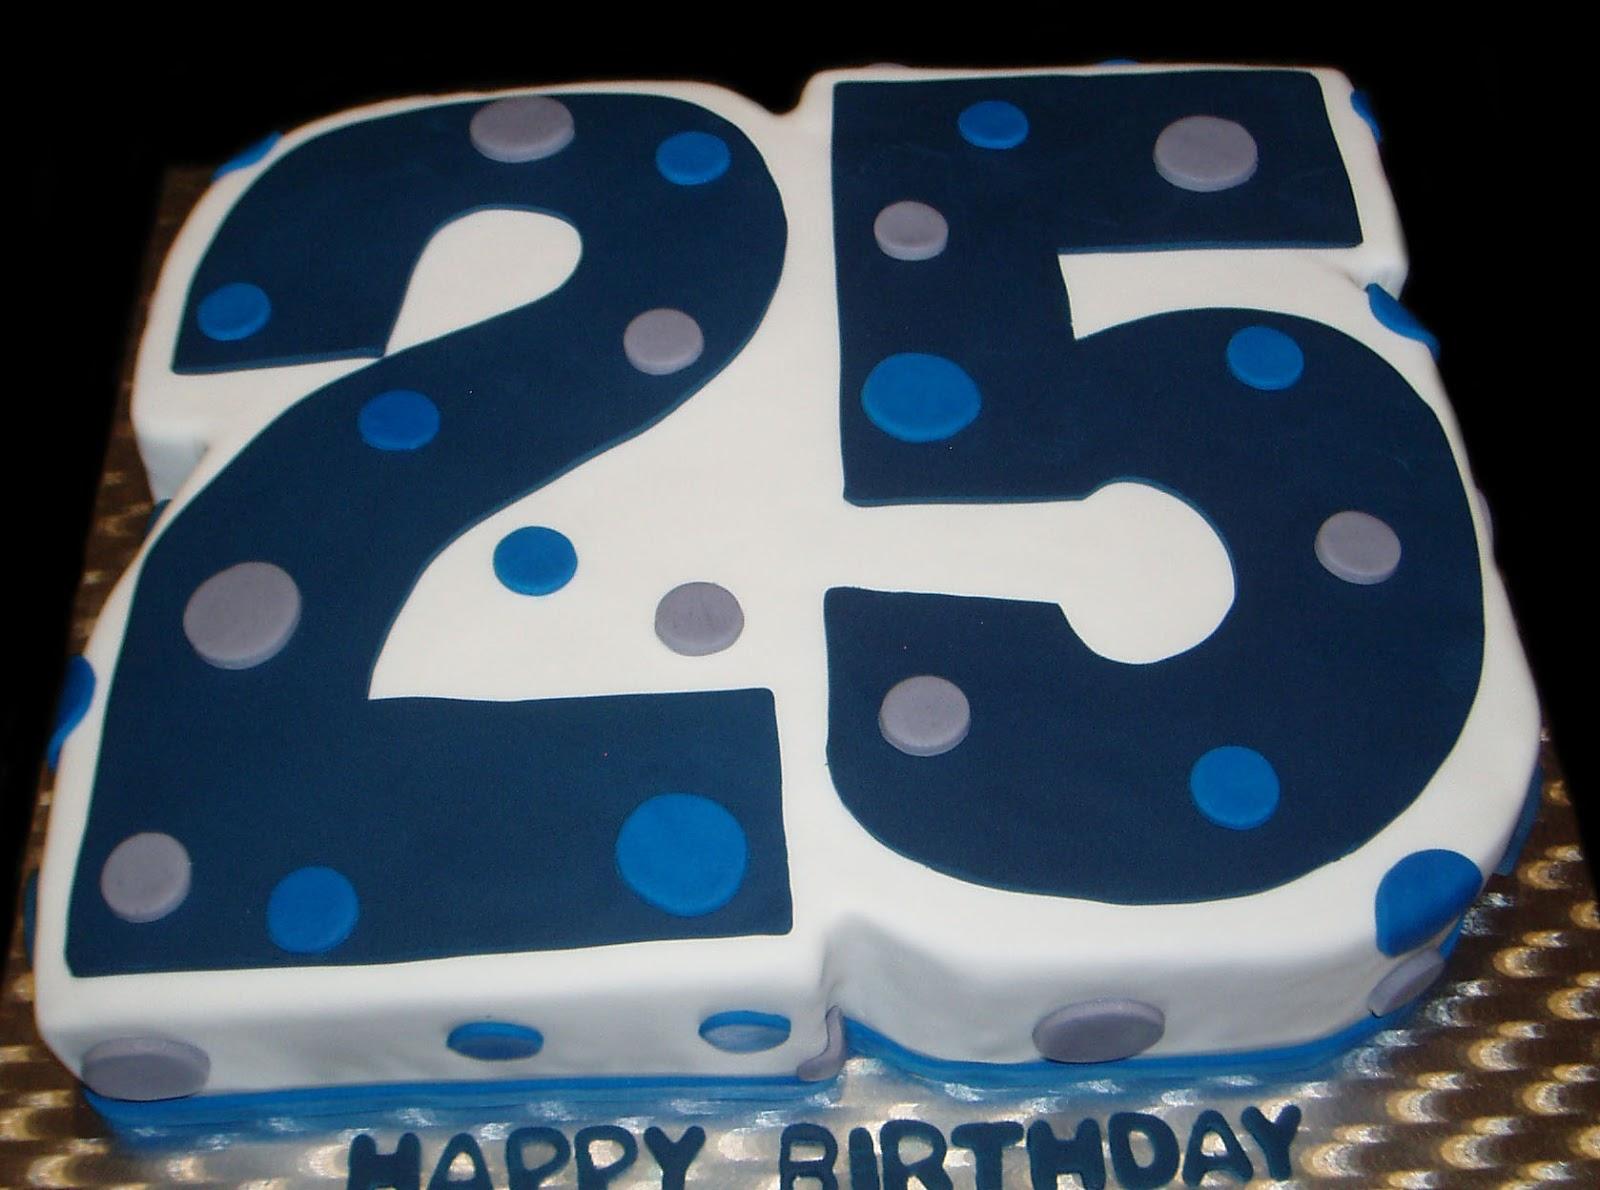 Nadas Cakes 25 Birthday Spots Cake By Nadas Cakes Canberra